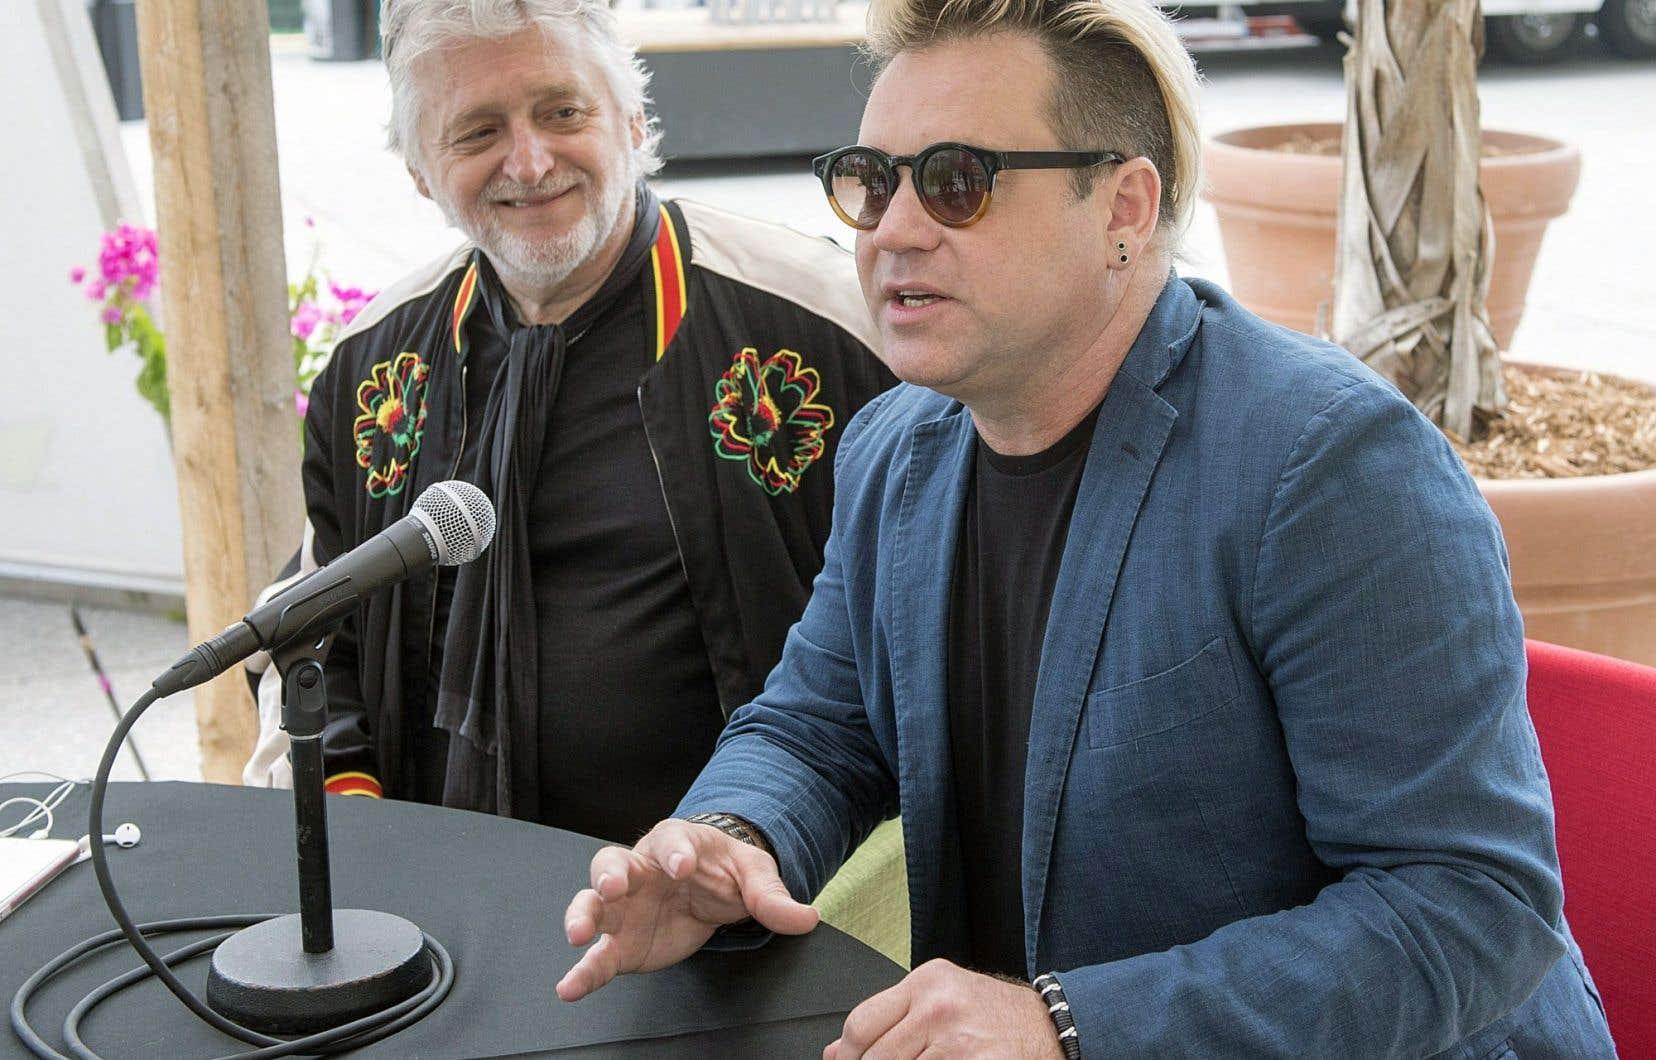 Aux côtés de Gilbert Rozon, Scott Maidment, président fondateur et directeur artistique de Strut & Fret, s'est dit fier de cette association avec le groupe Juste pour rire, mardi à Montréal.